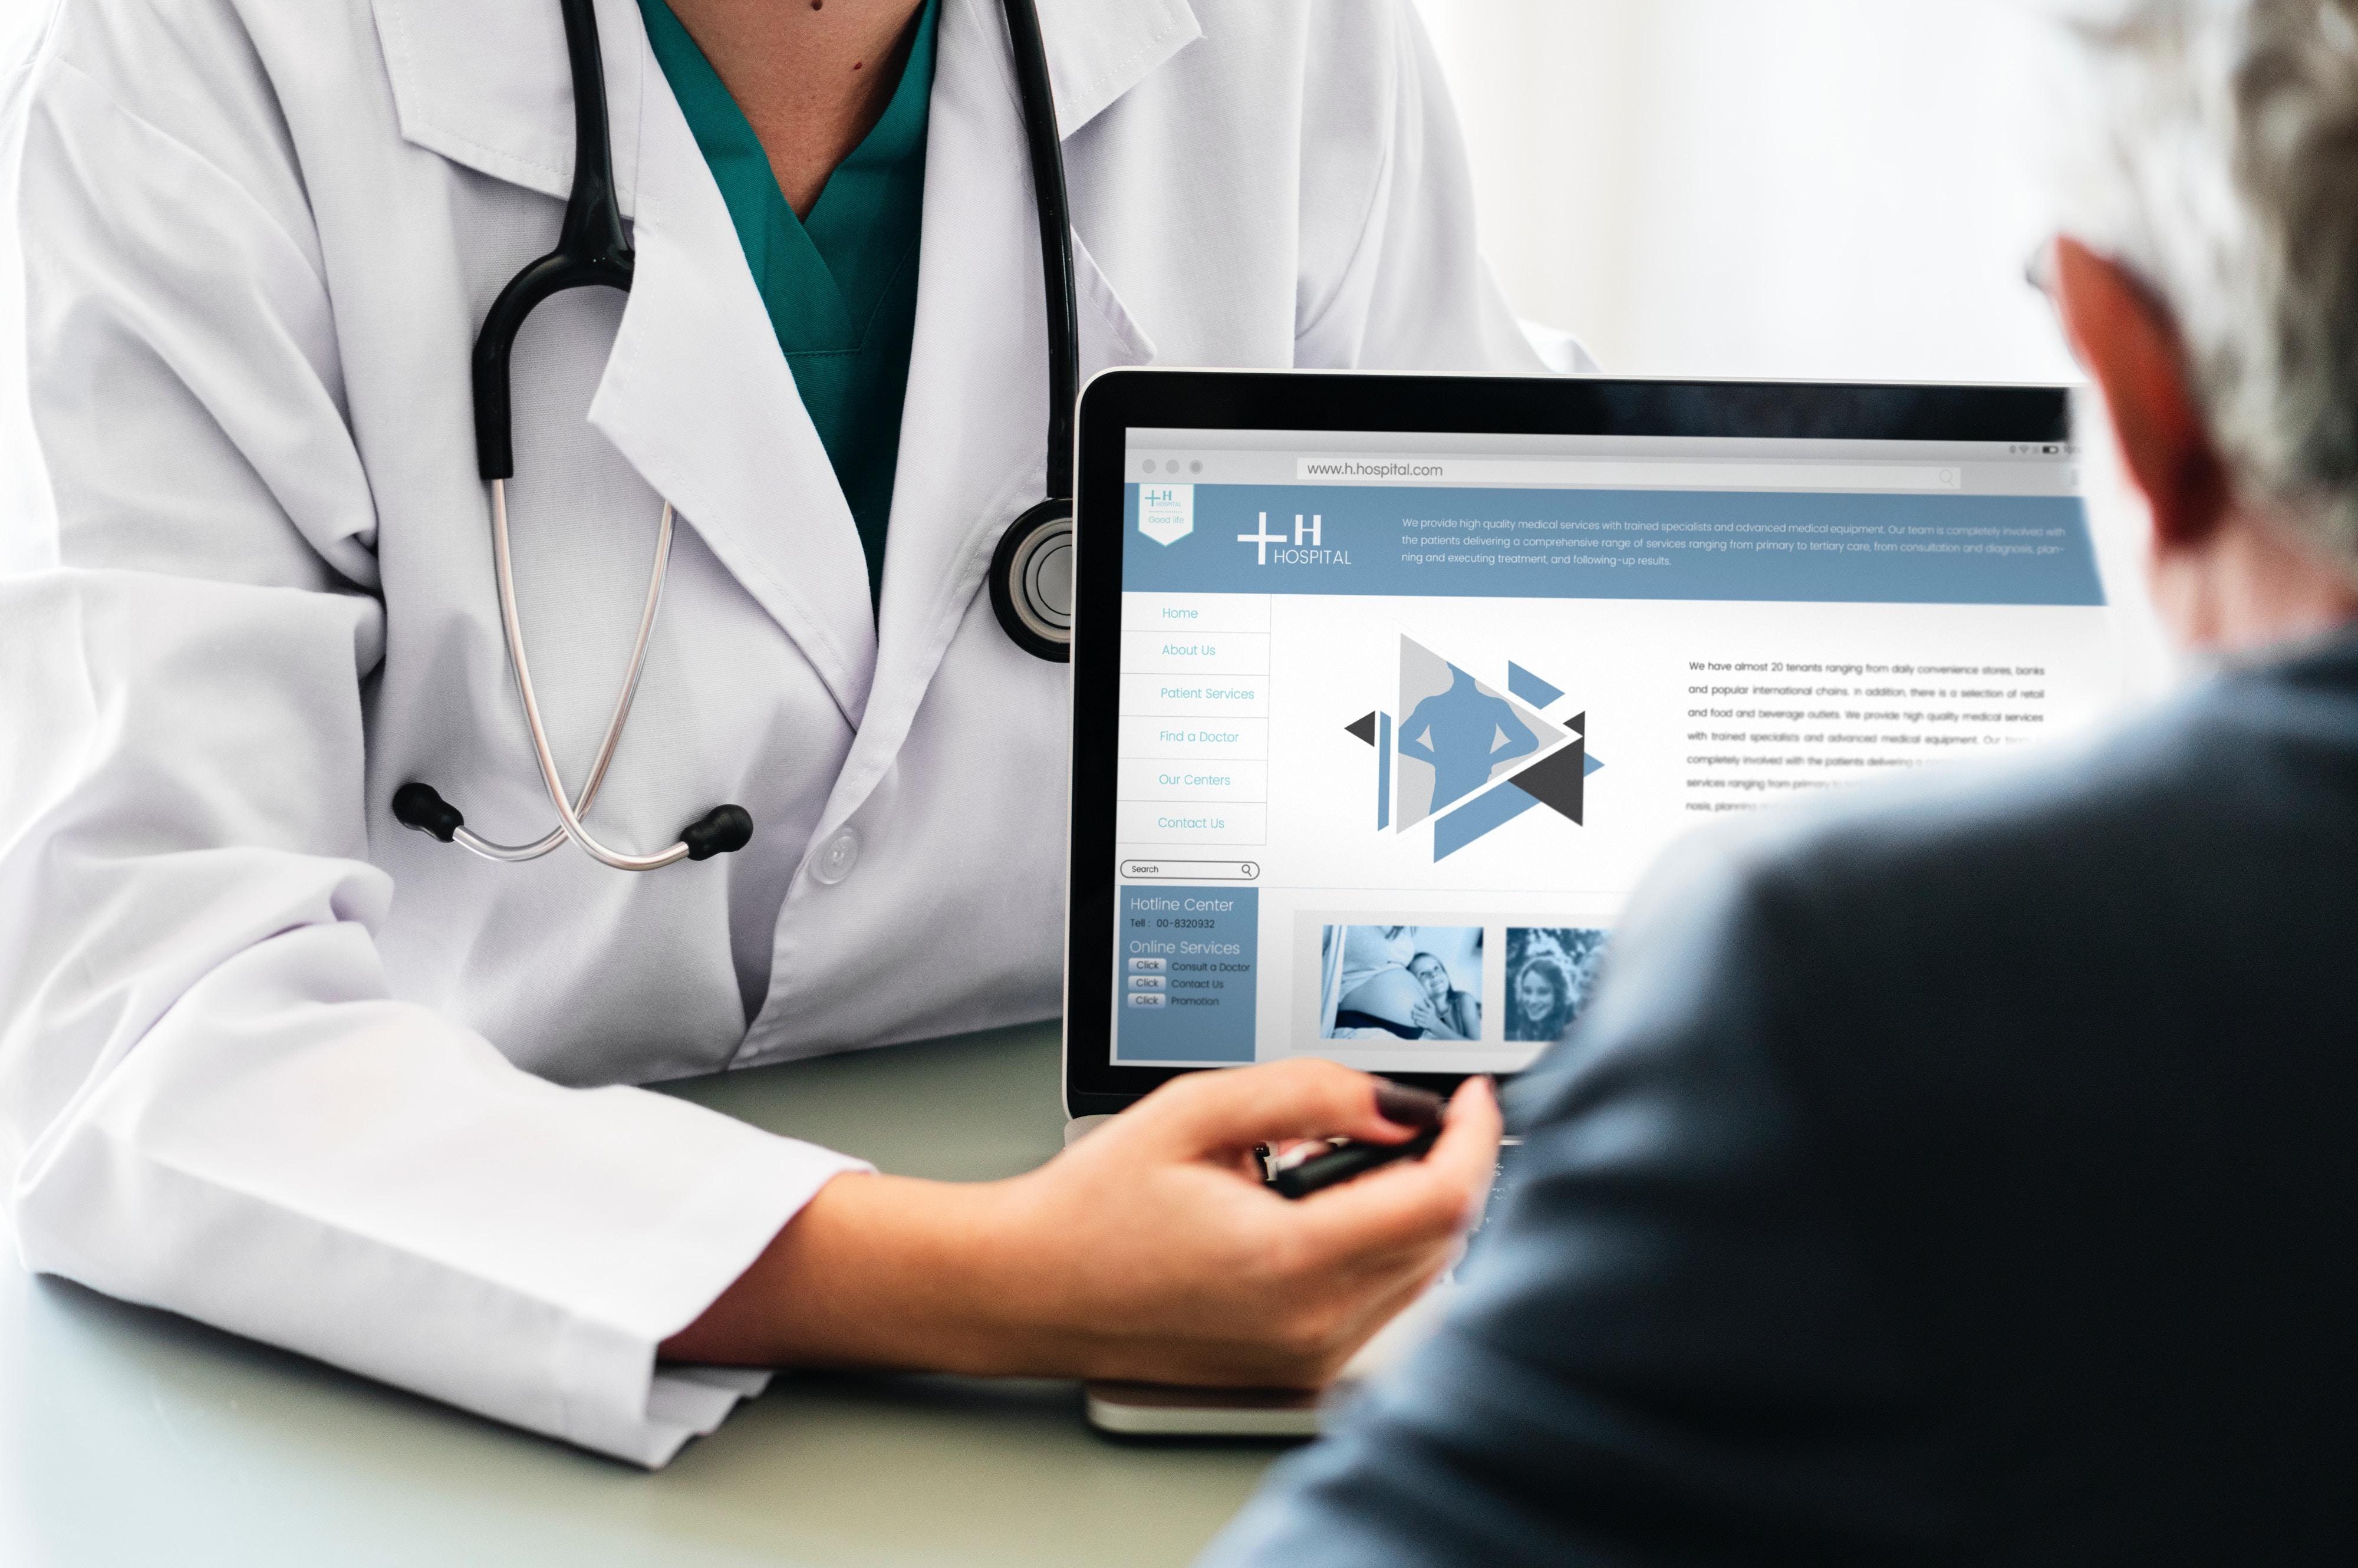 Virtual nurse, healthcare, telenursing